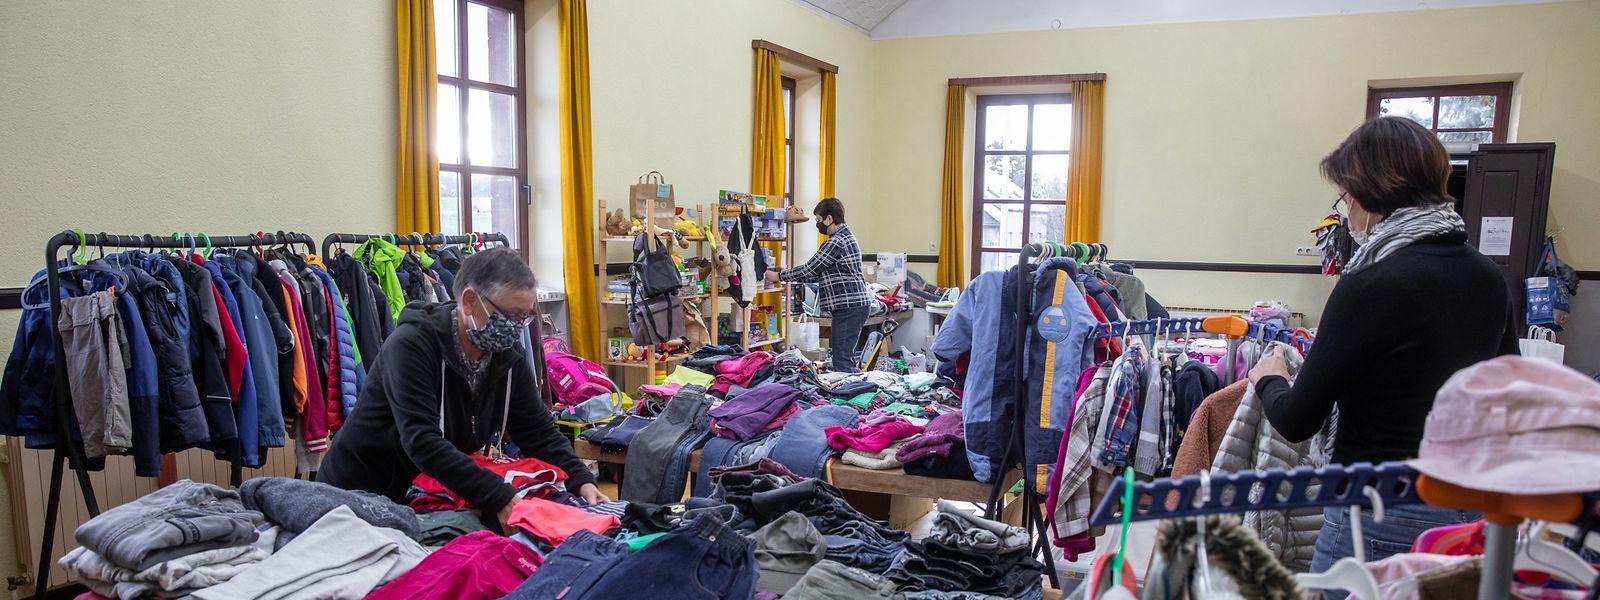 """Hosen, Pullis und Jacken in allen Größen: Gerade in der Corona-Zeit hat die """"Kleederstiffchen"""" viele Kleidungsspenden bekommen."""